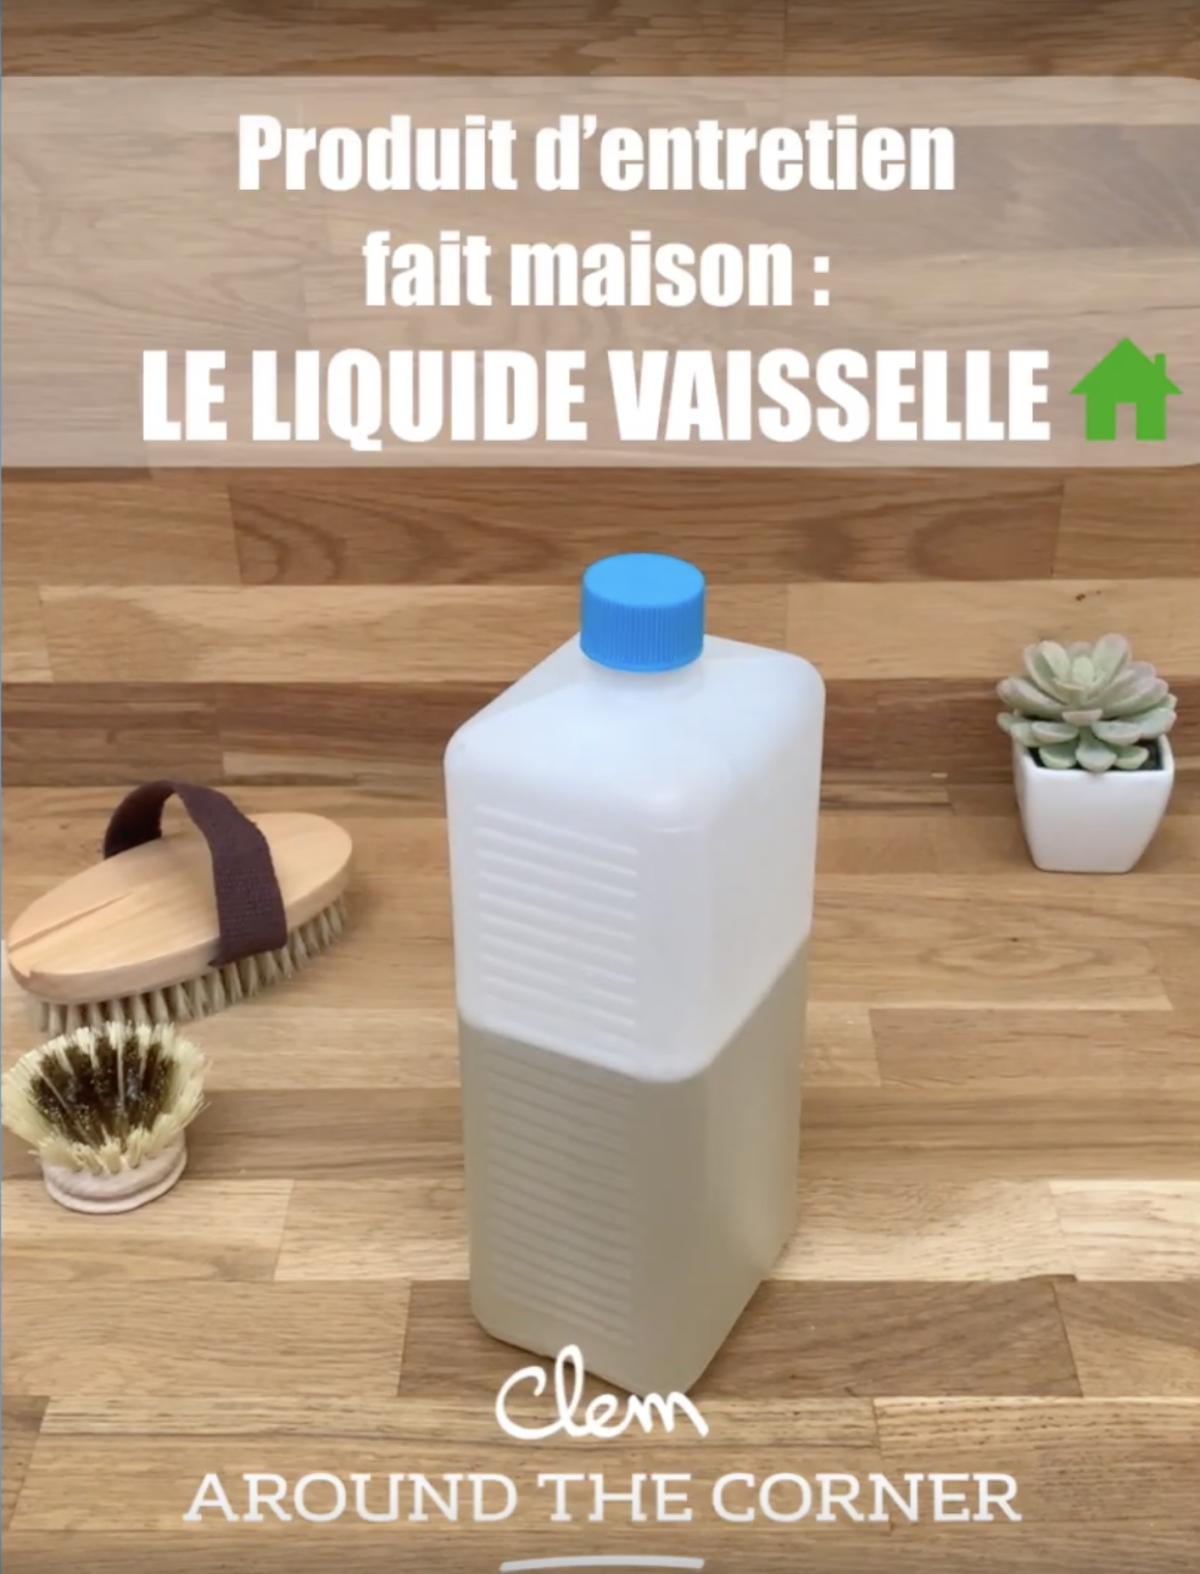 recette produit entretien fait maison liquide vaisselle ecofriendly - blog déco - clem around the corner